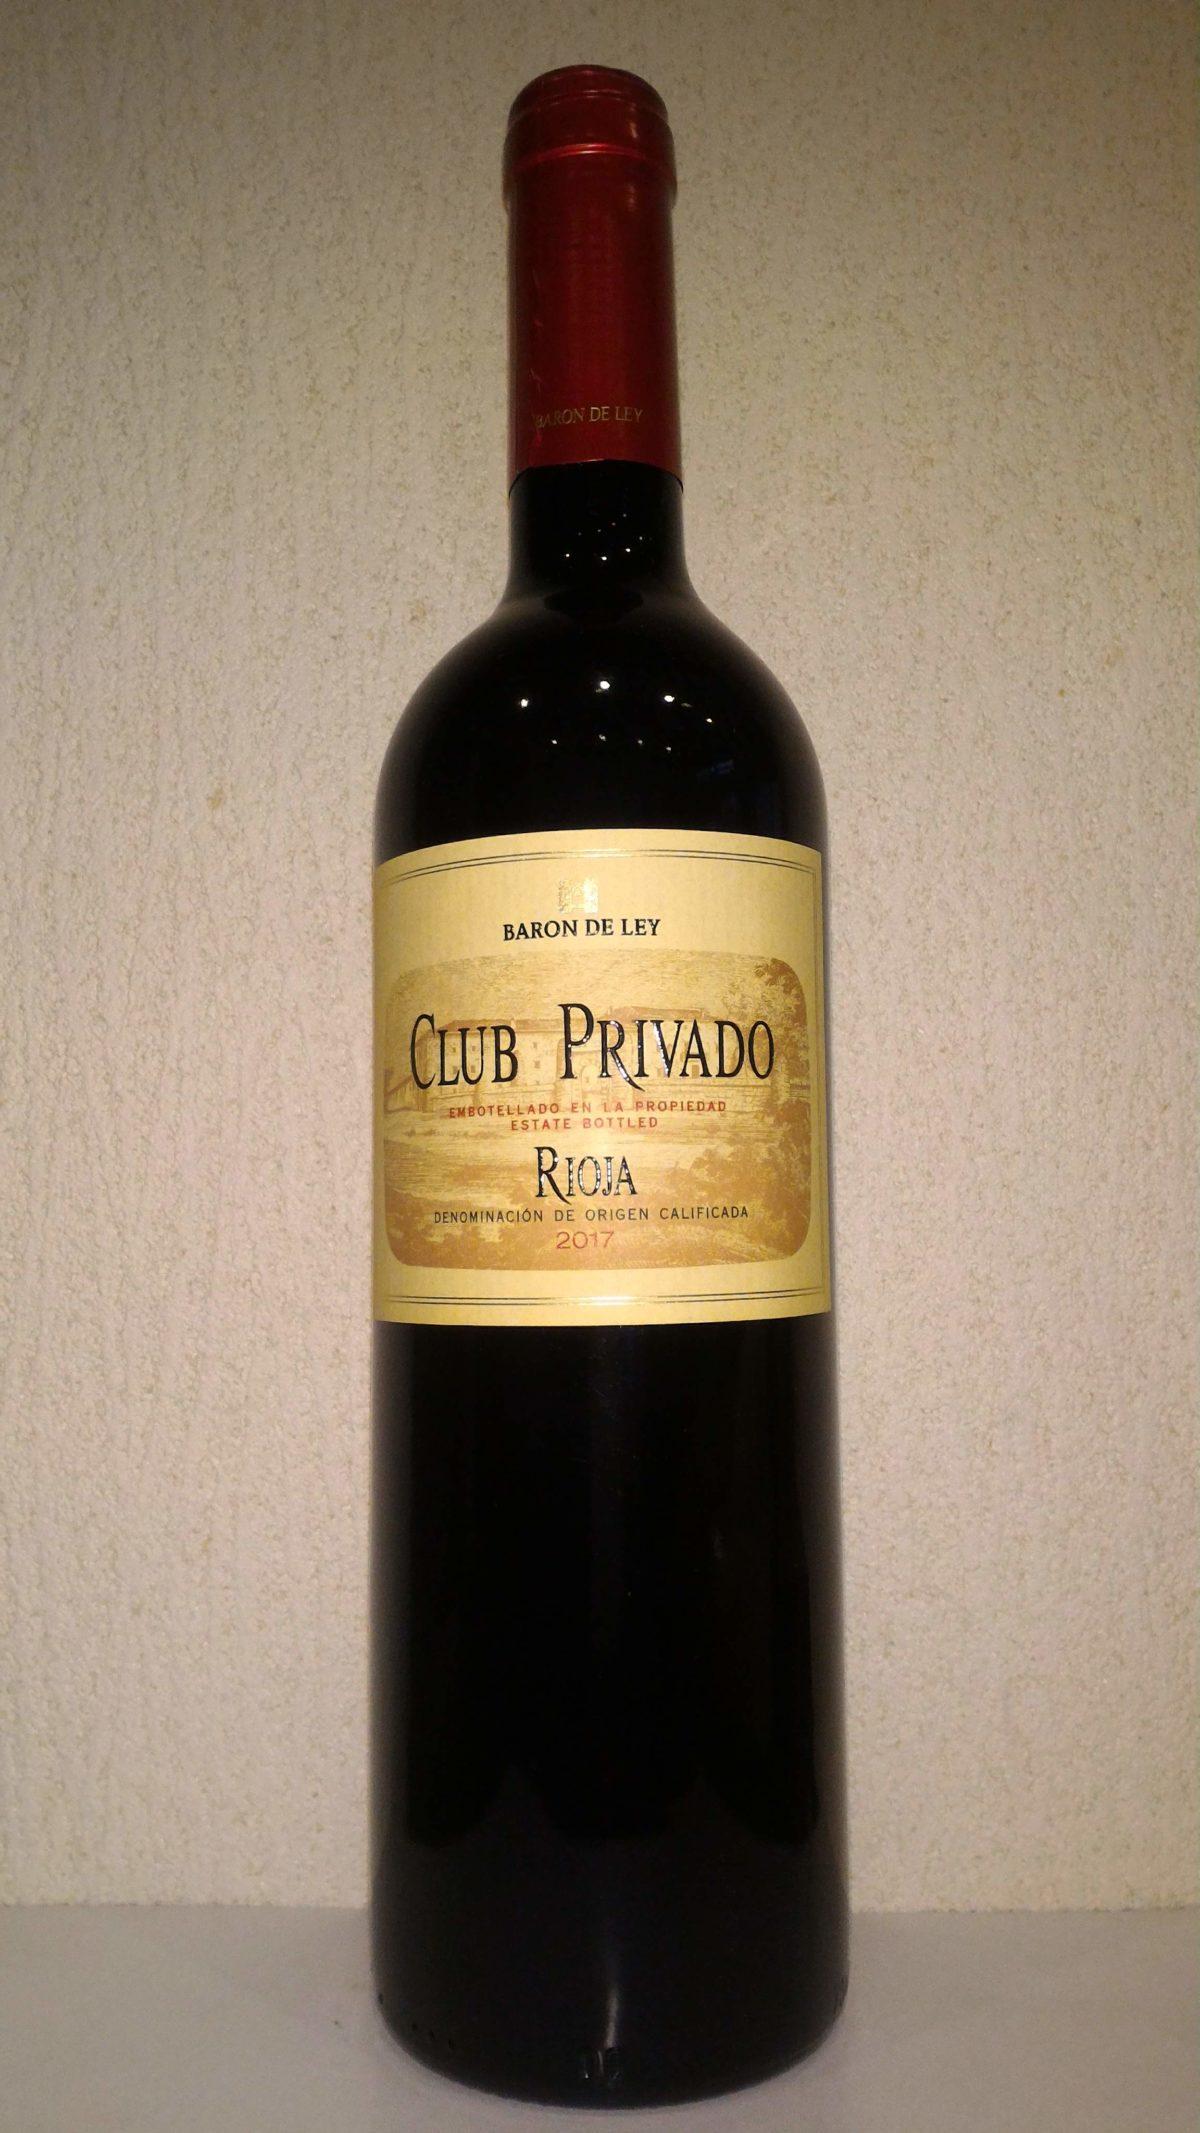 1000円以下で愉しむワイン「バロン・デ・レイ クラブ・プリバード」